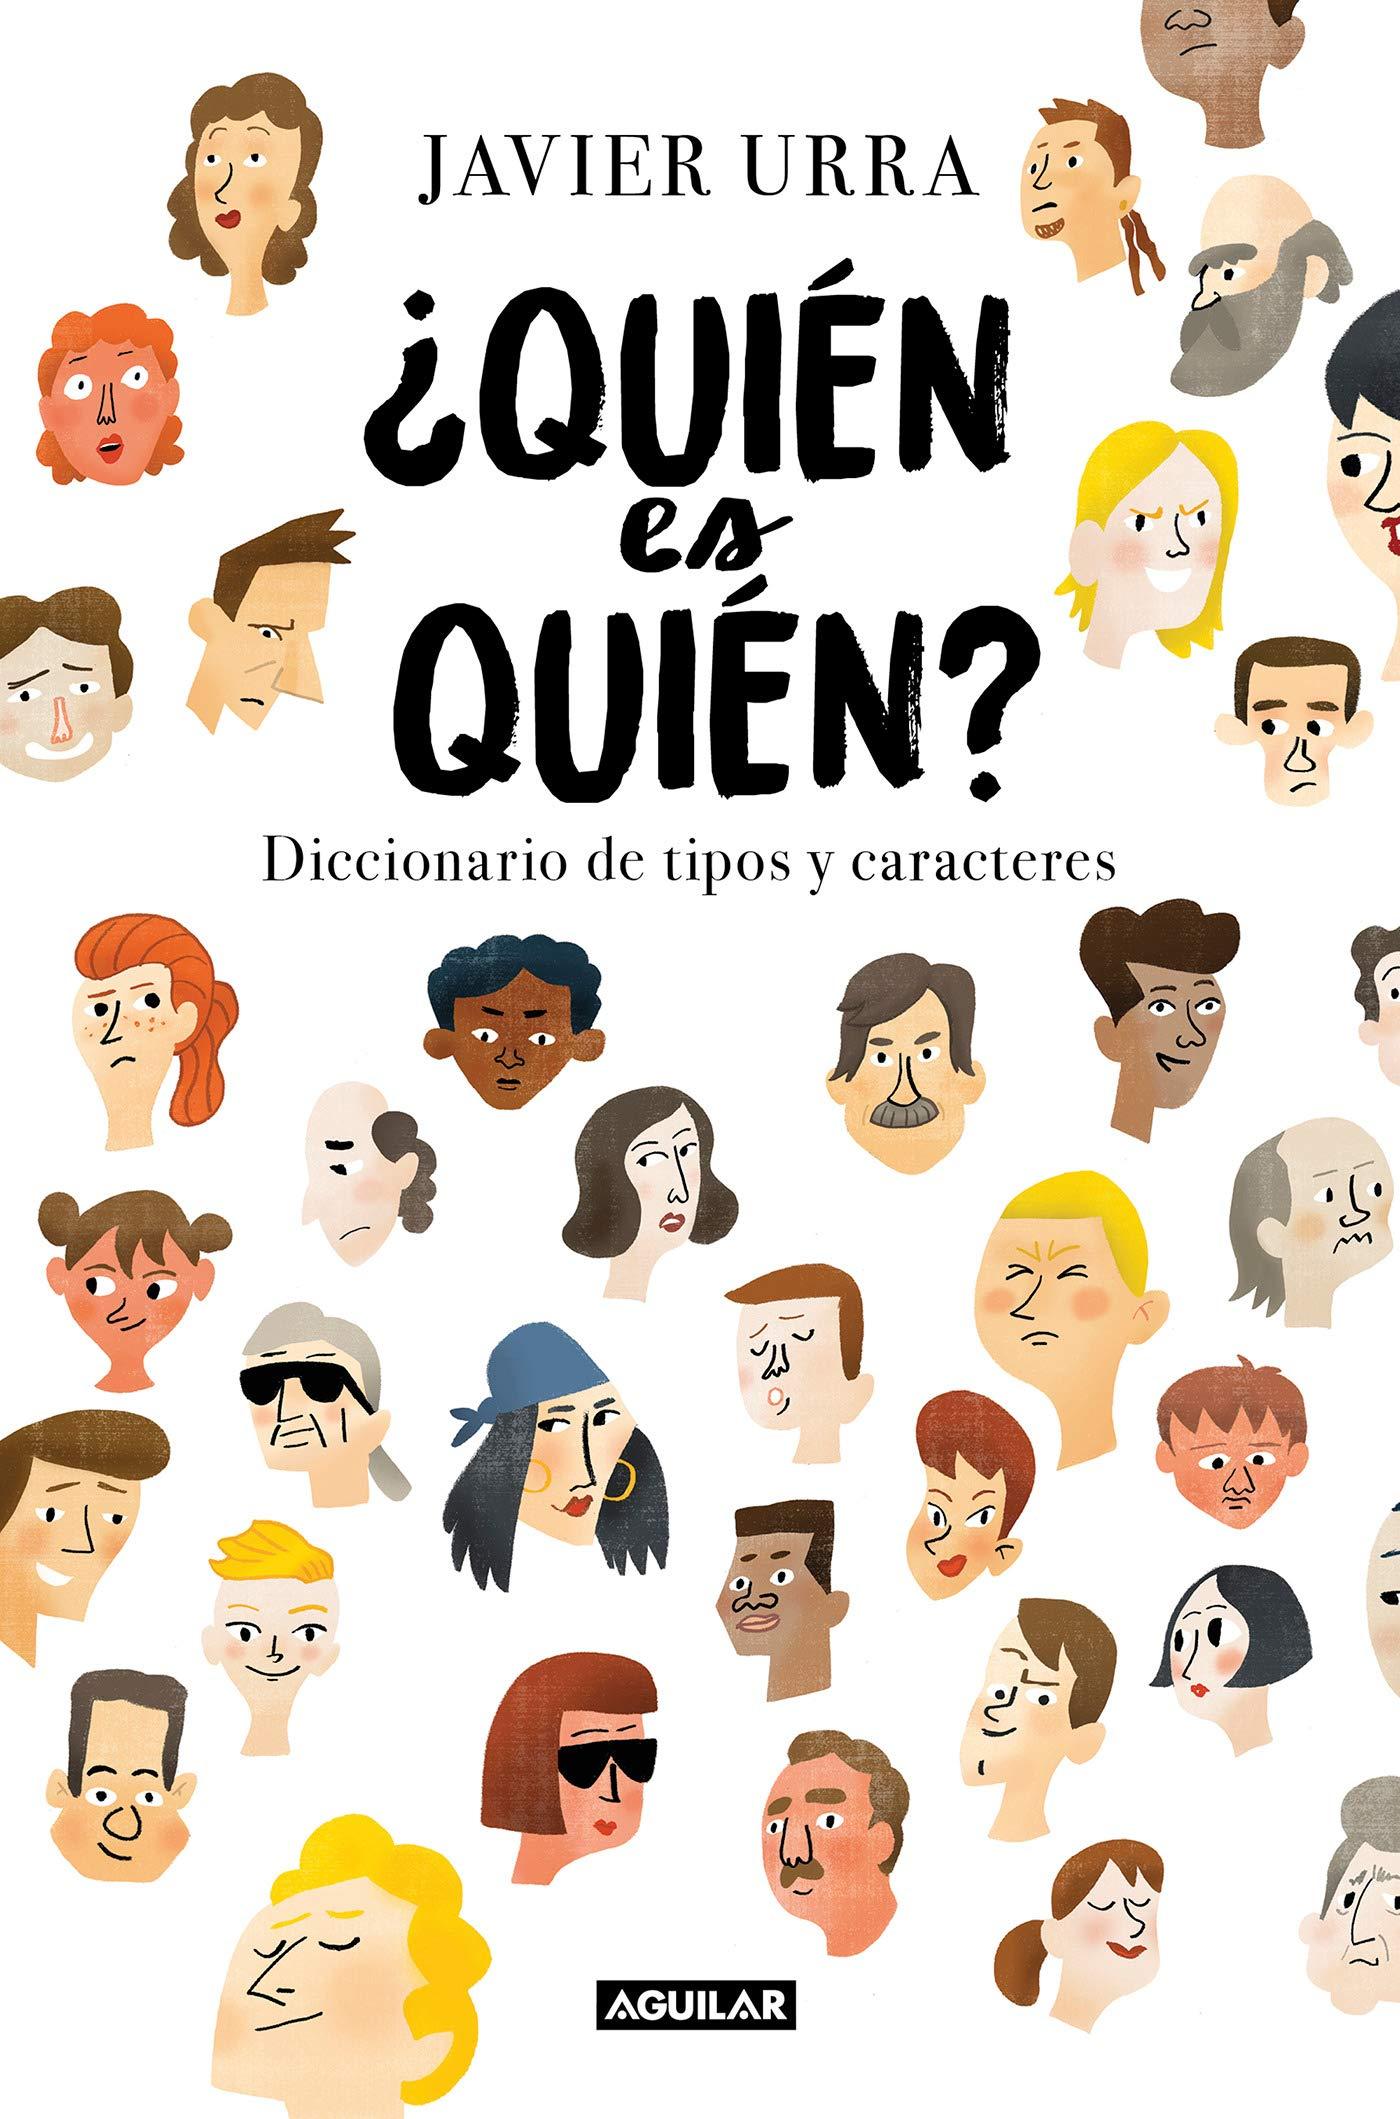 Diccionario de tipos y caracteres: Amazon.es: Javier Urra: Libros